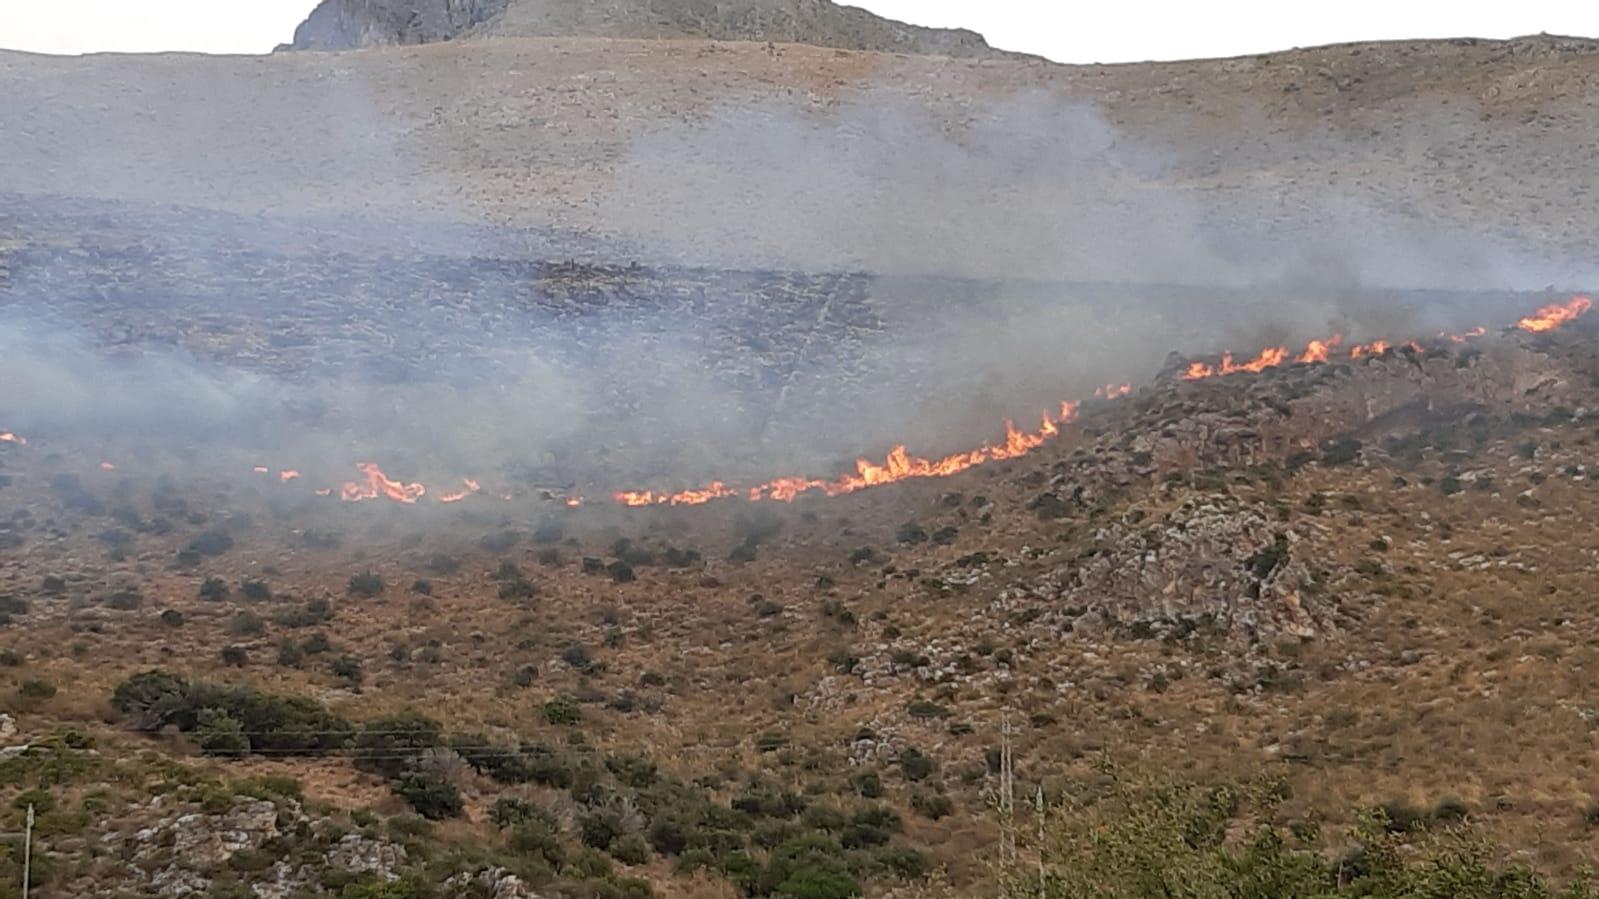 Marsala: pulire i terreni per evitare incendi, al via i controlli